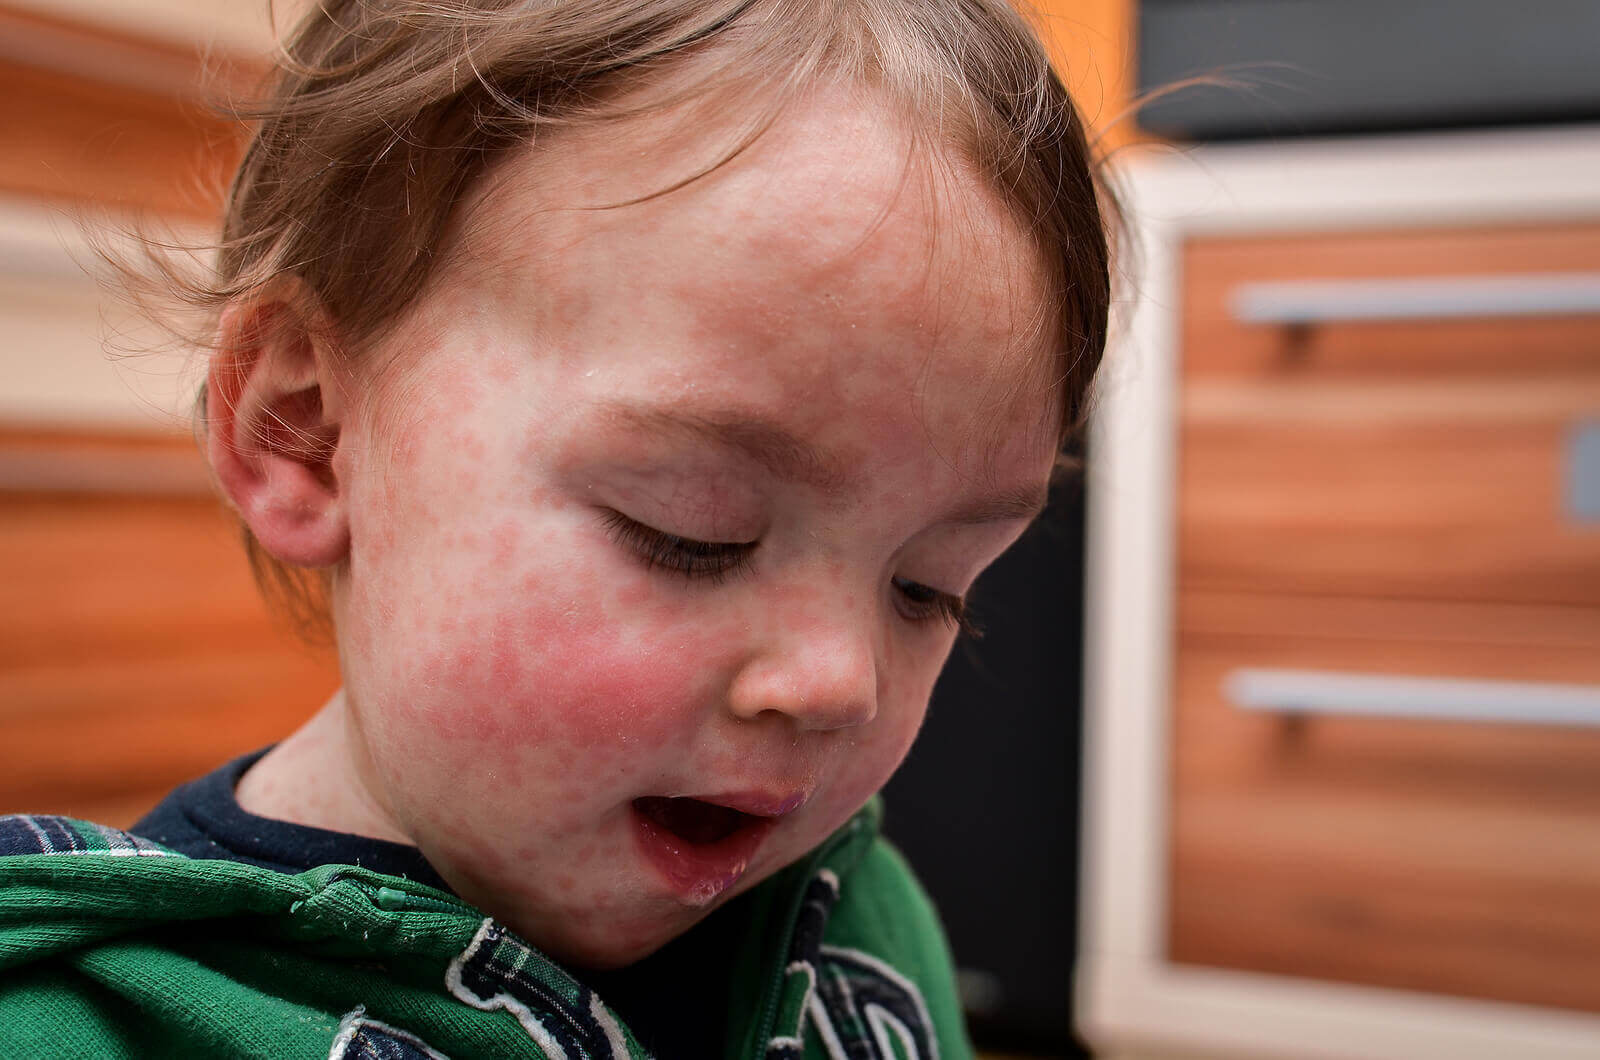 allergi mot komjölksprotein: barn med utslag i ansiktet